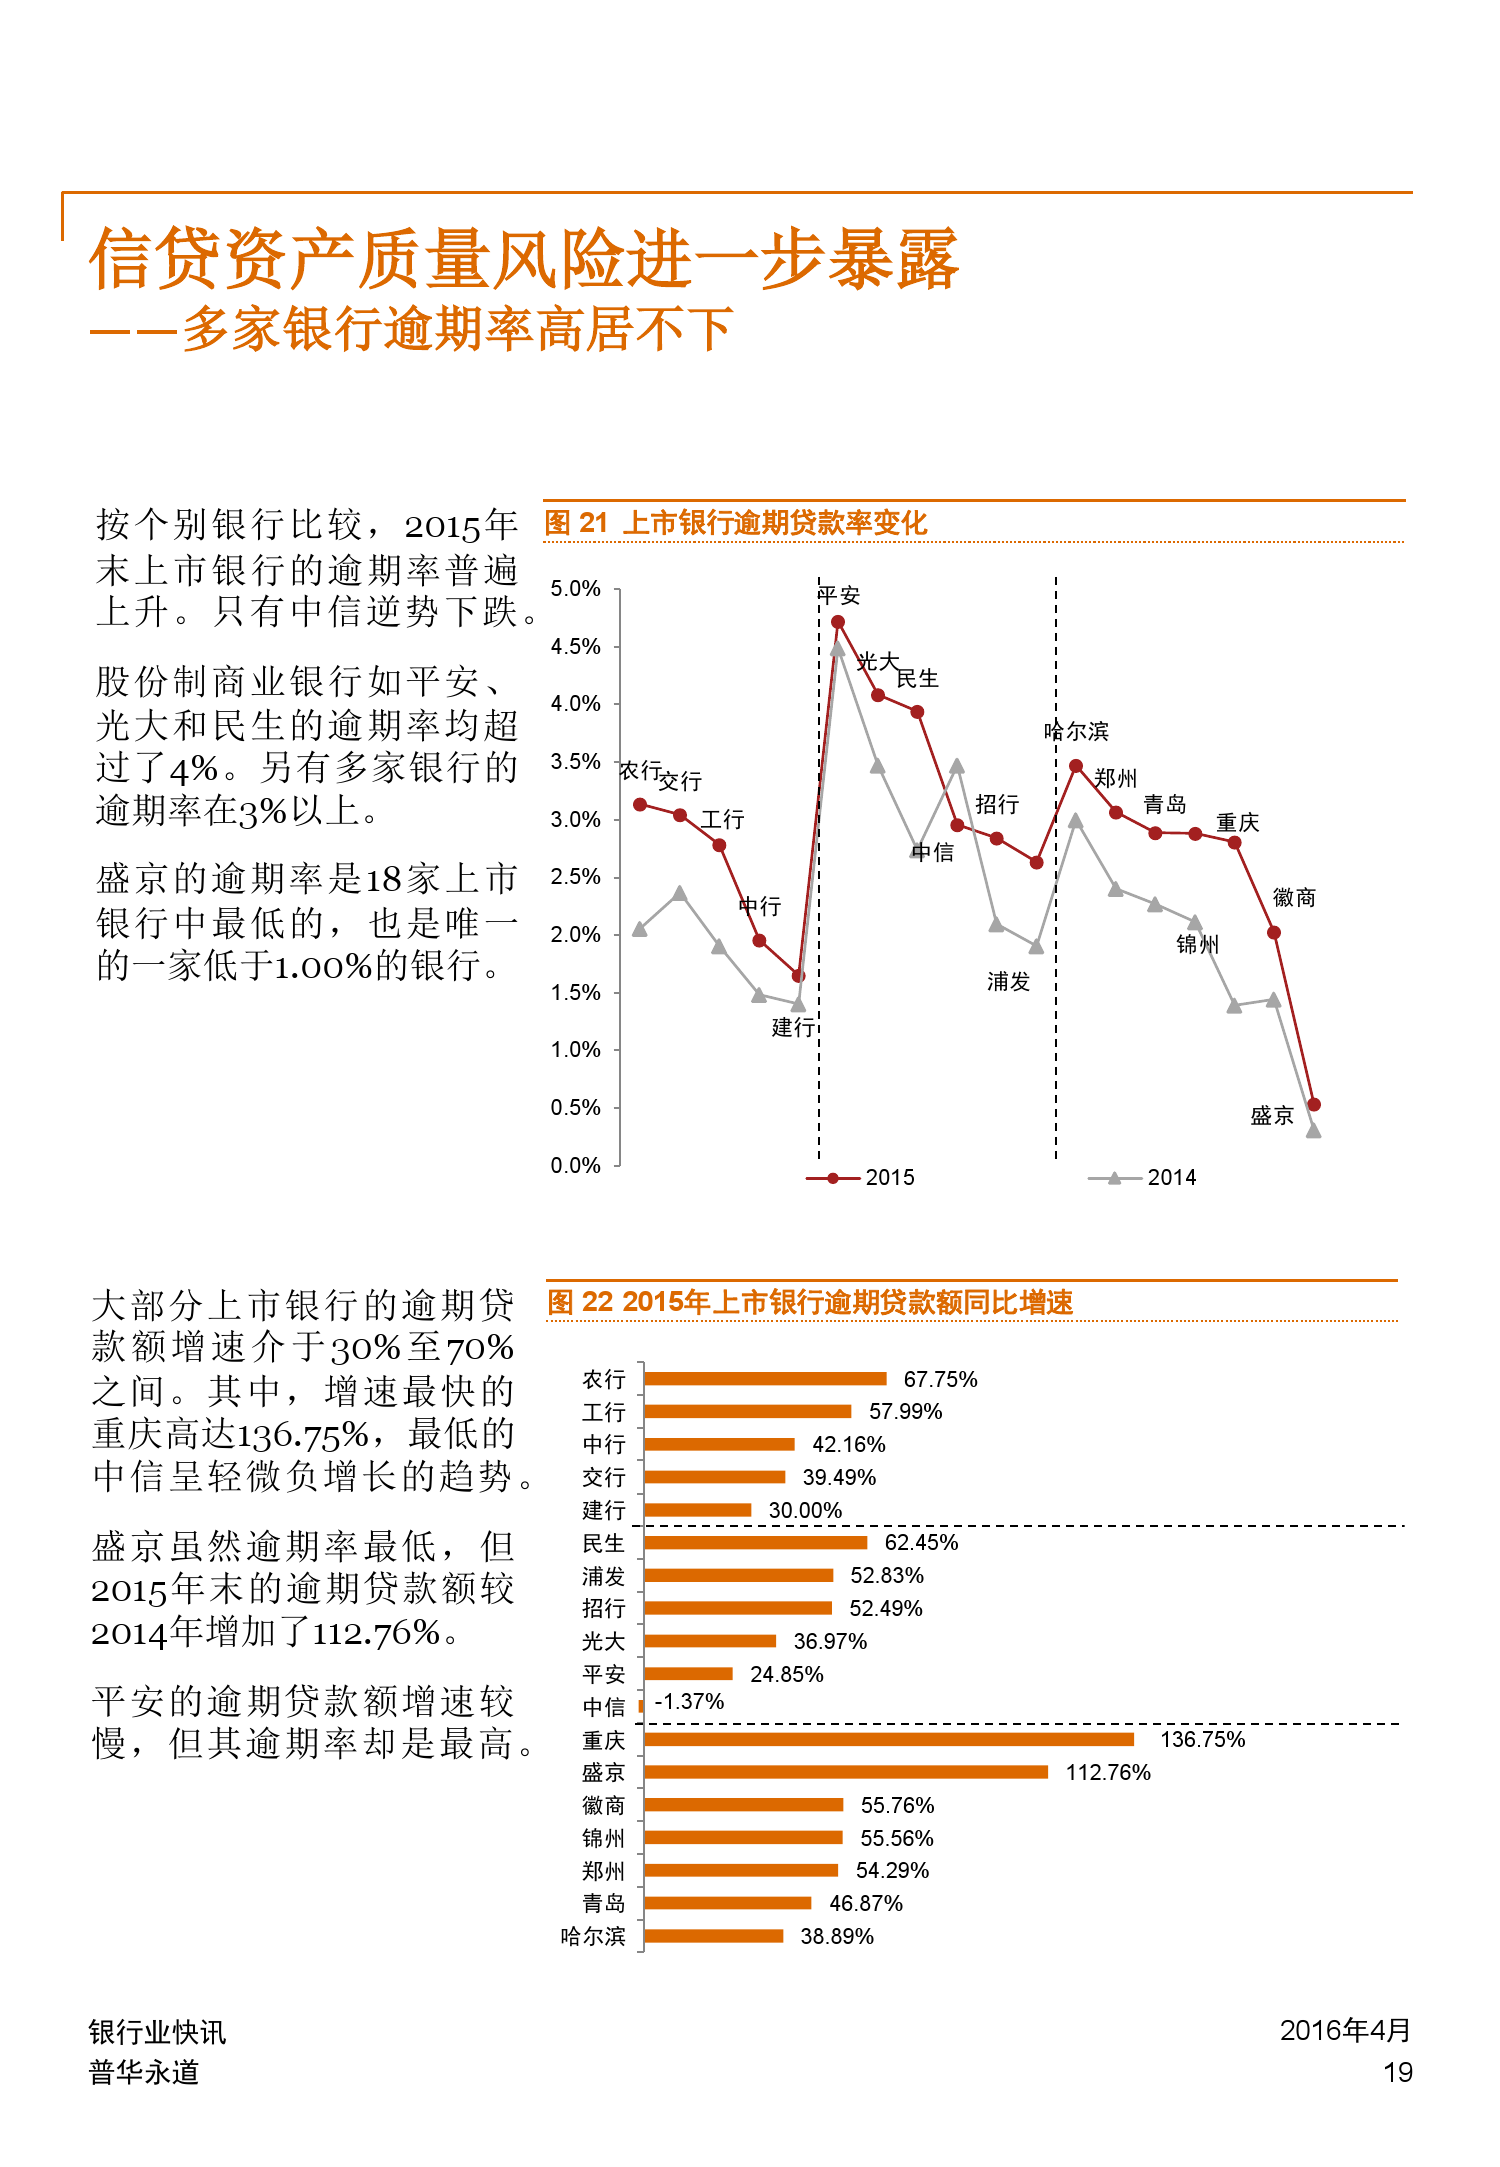 普华永道:2015年中国银行业回顾与展望_000019